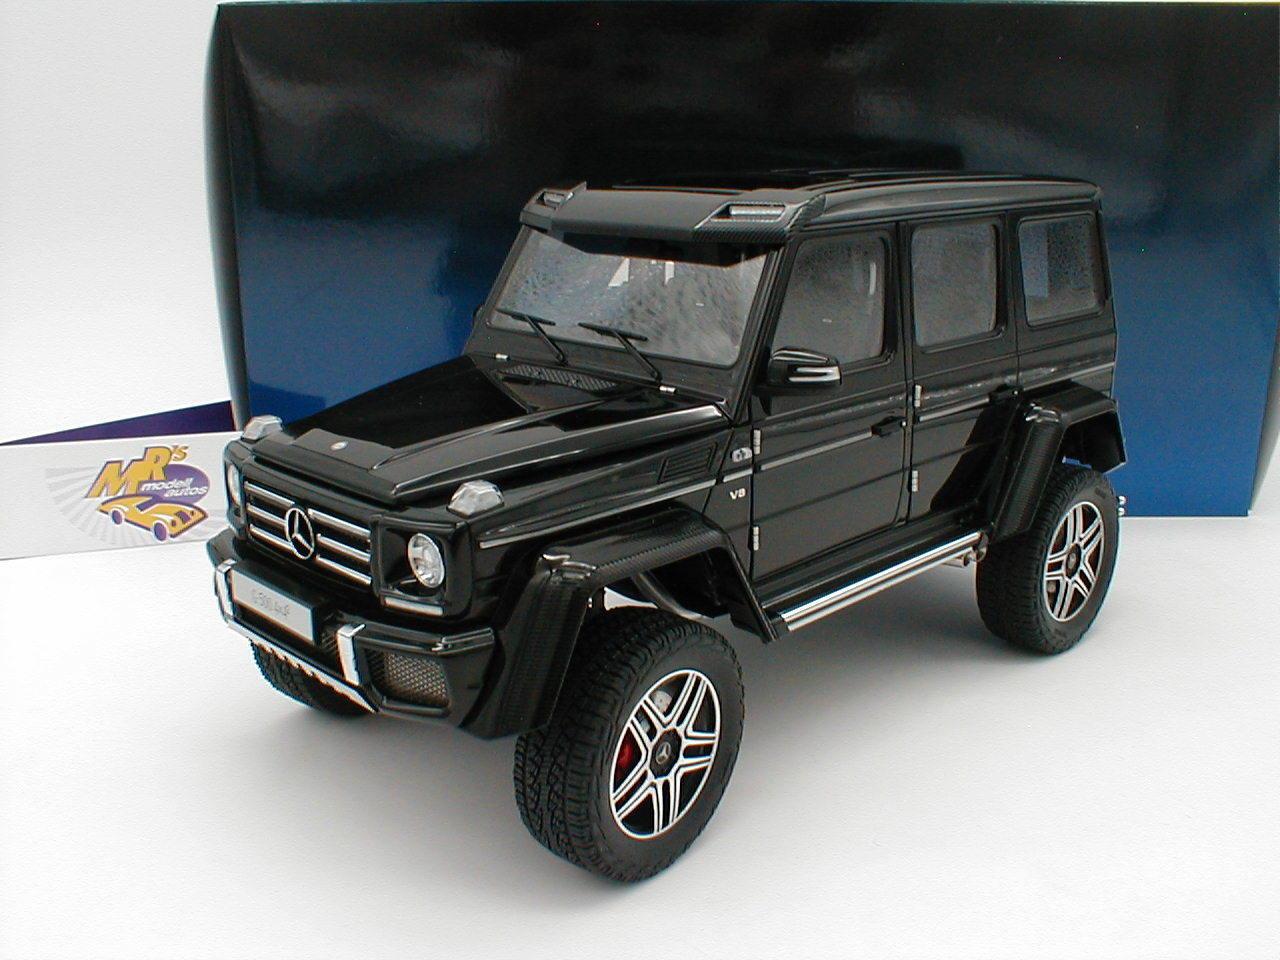 AUTOart 76317 - Mercedes-Benz G500 4x4² Baujahr 2015   schwarz   1 18  NEU    Schön